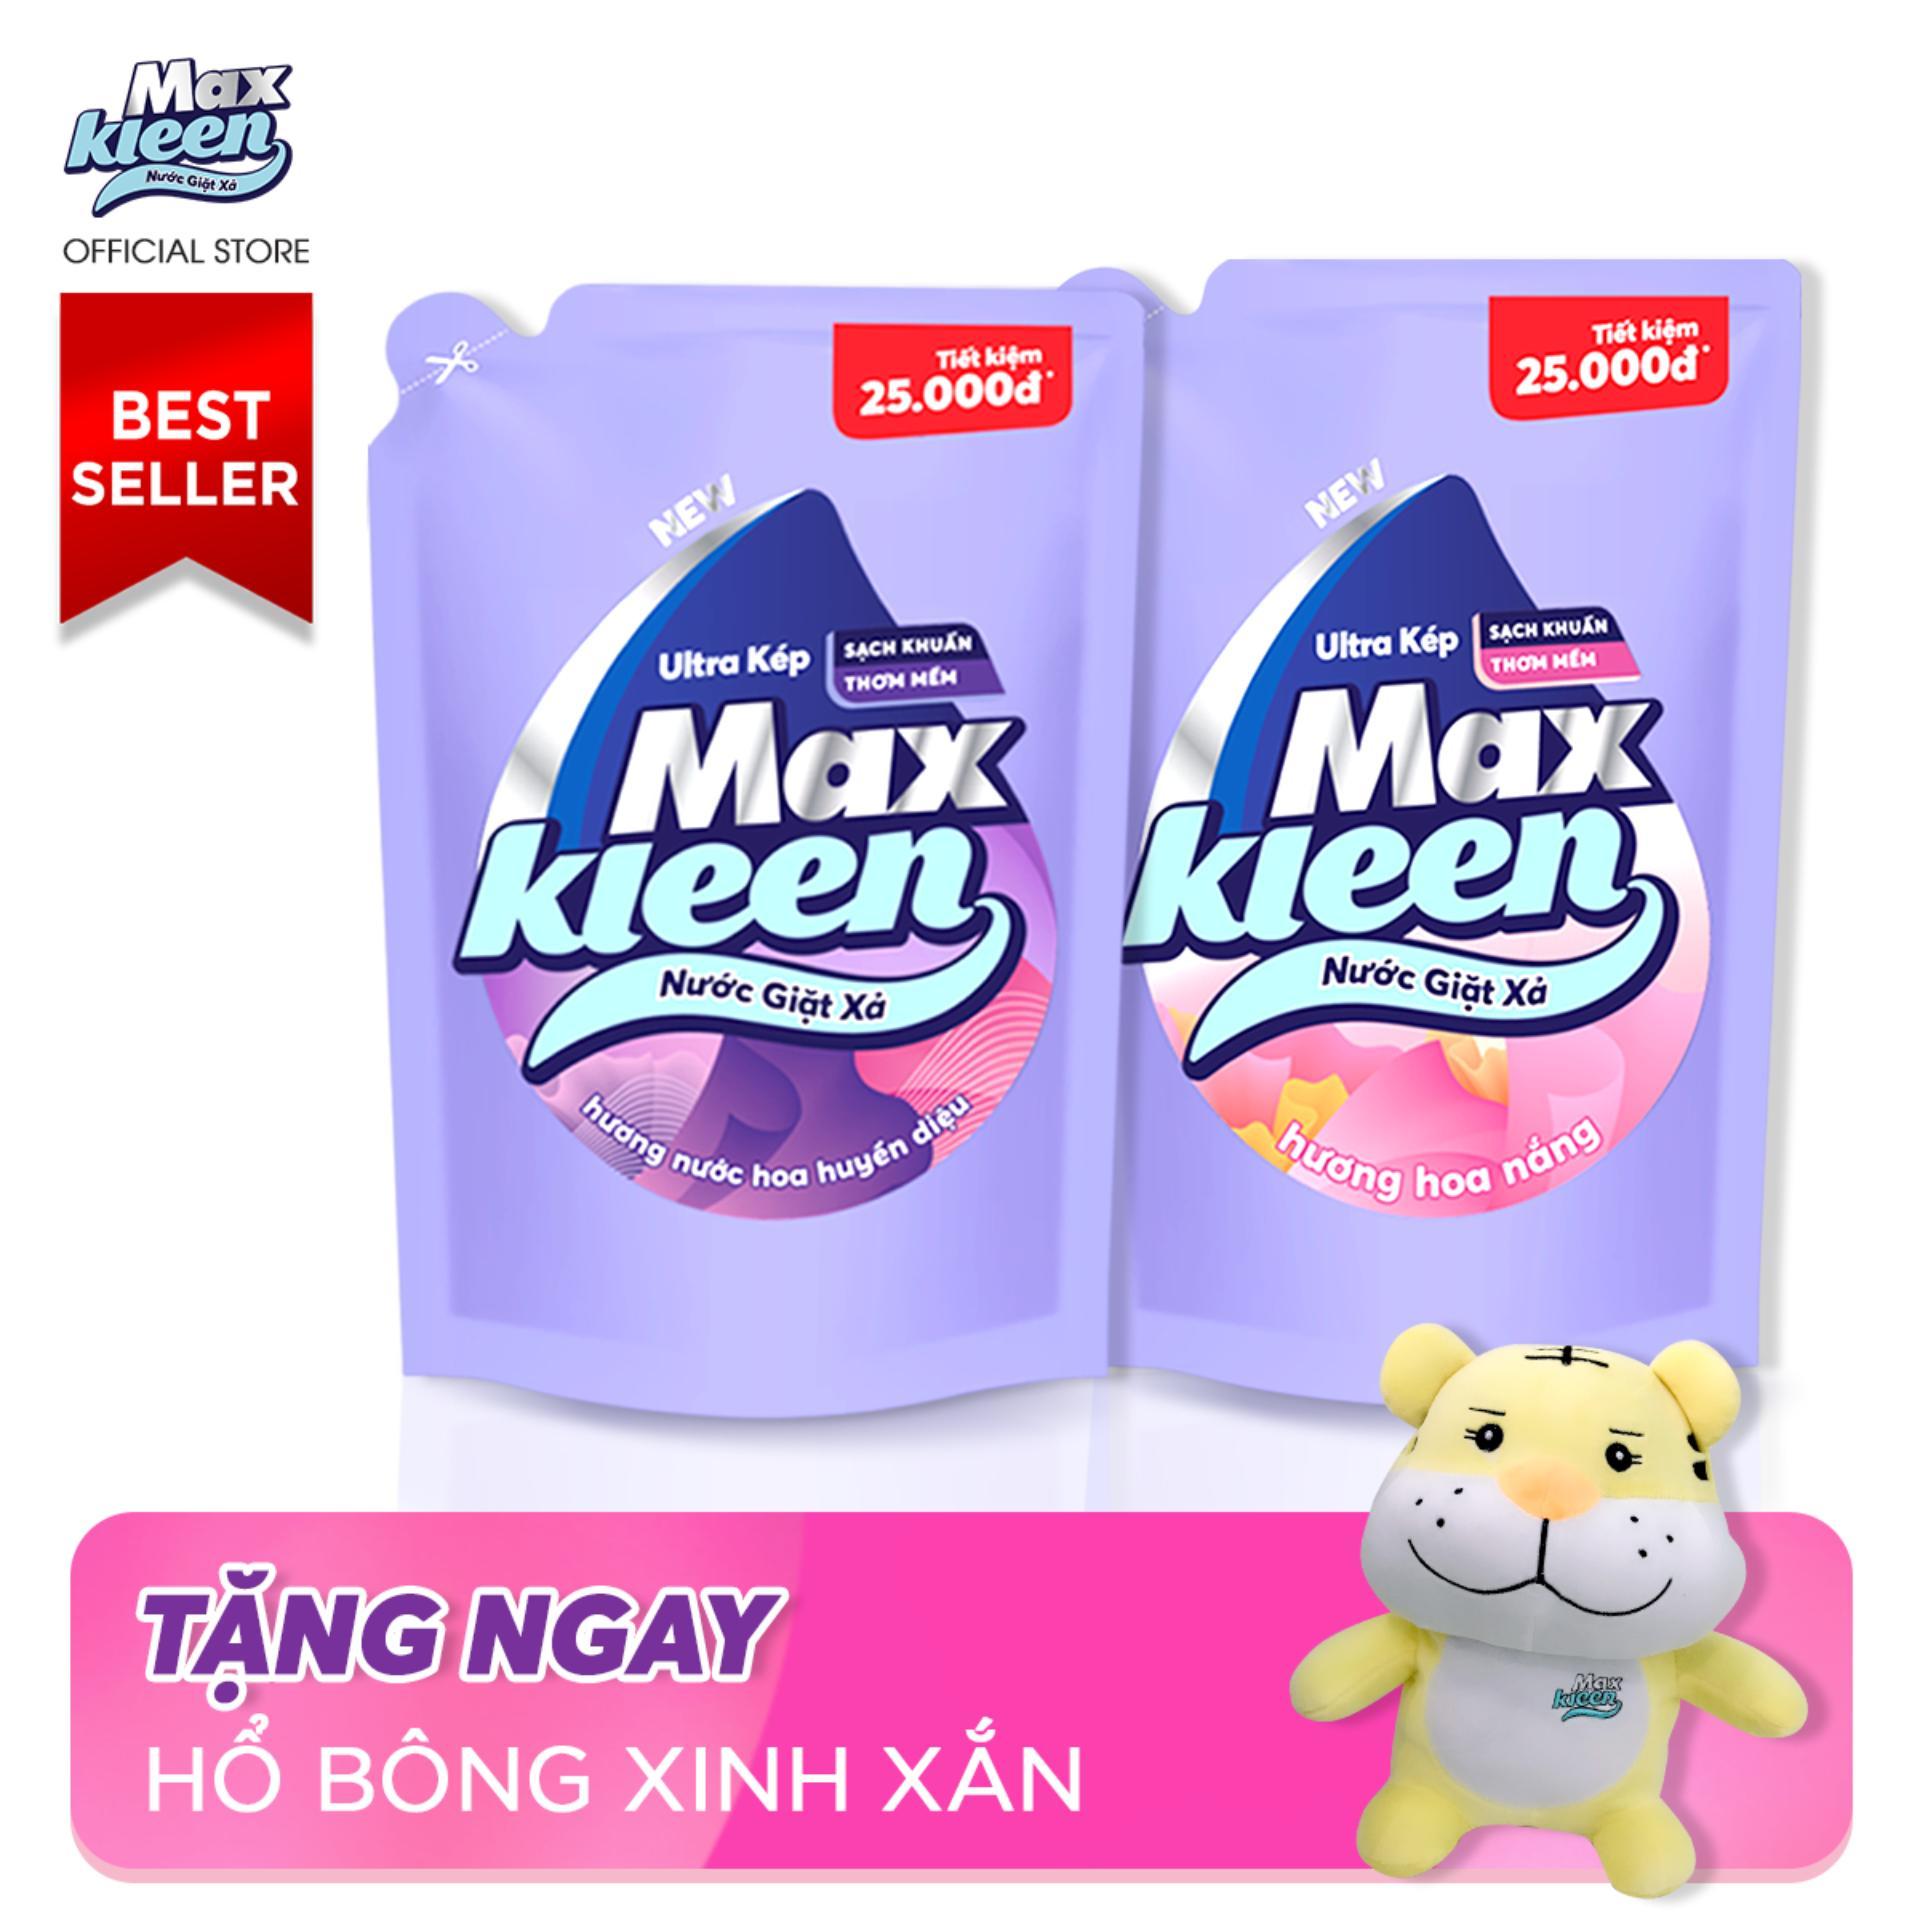 Combo 2 Túi Nước Giặt Xả Maxkleen 2.4kg: 1 Hương Nước Hoa Huyền Diệu + 1 Hương Hoa Nắng + Tặng Hổ bông